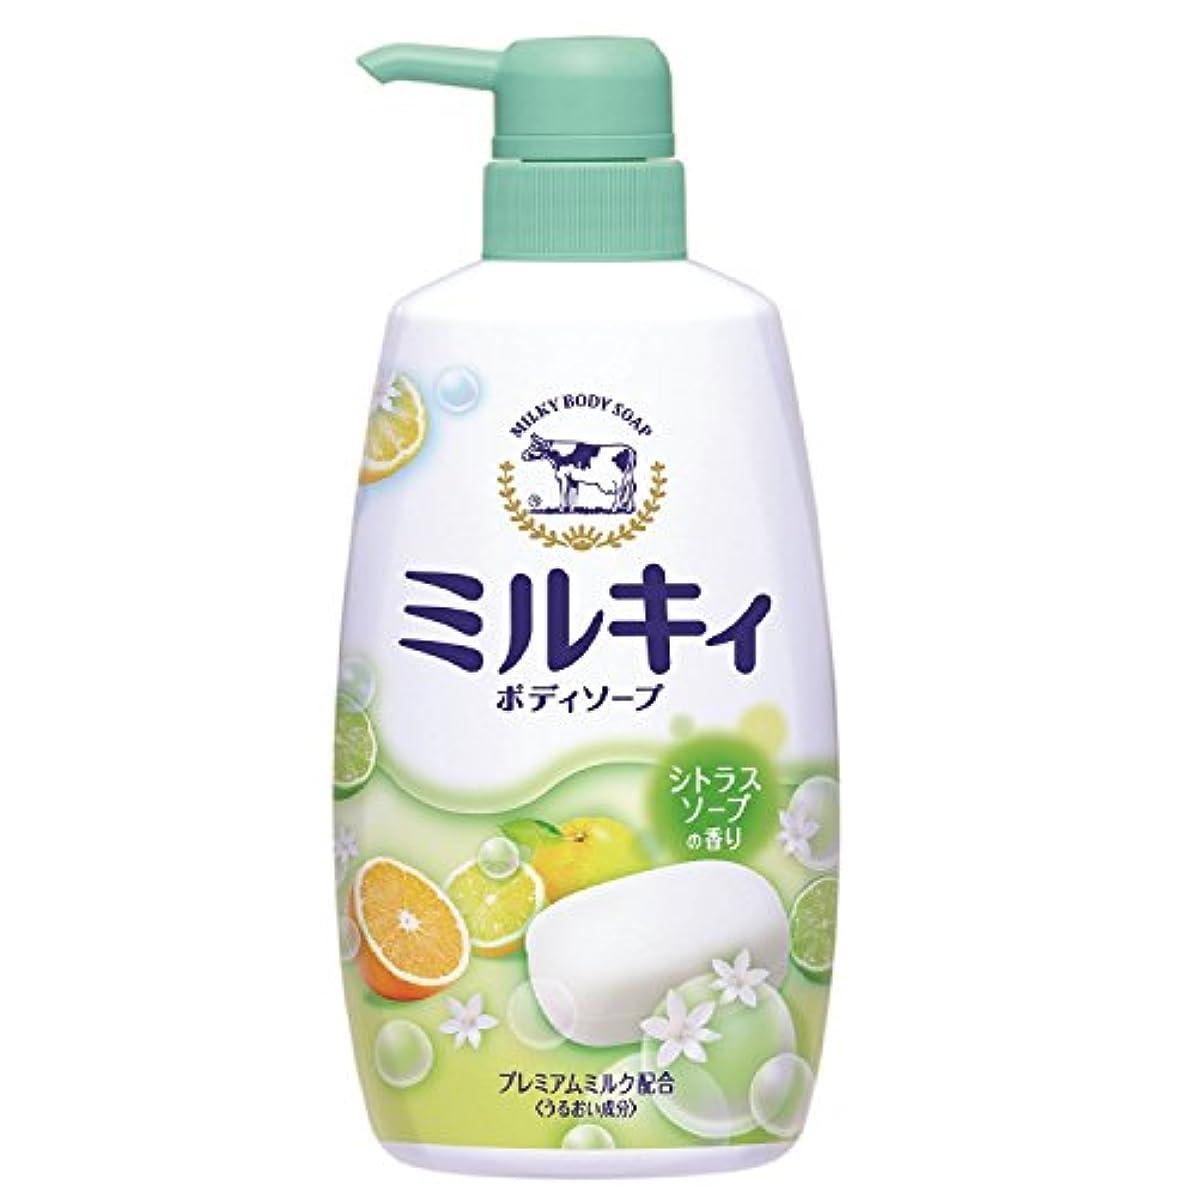 迷惑素子レビュアーミルキィボディソープ シトラスソープの香り ポンプ 550mL